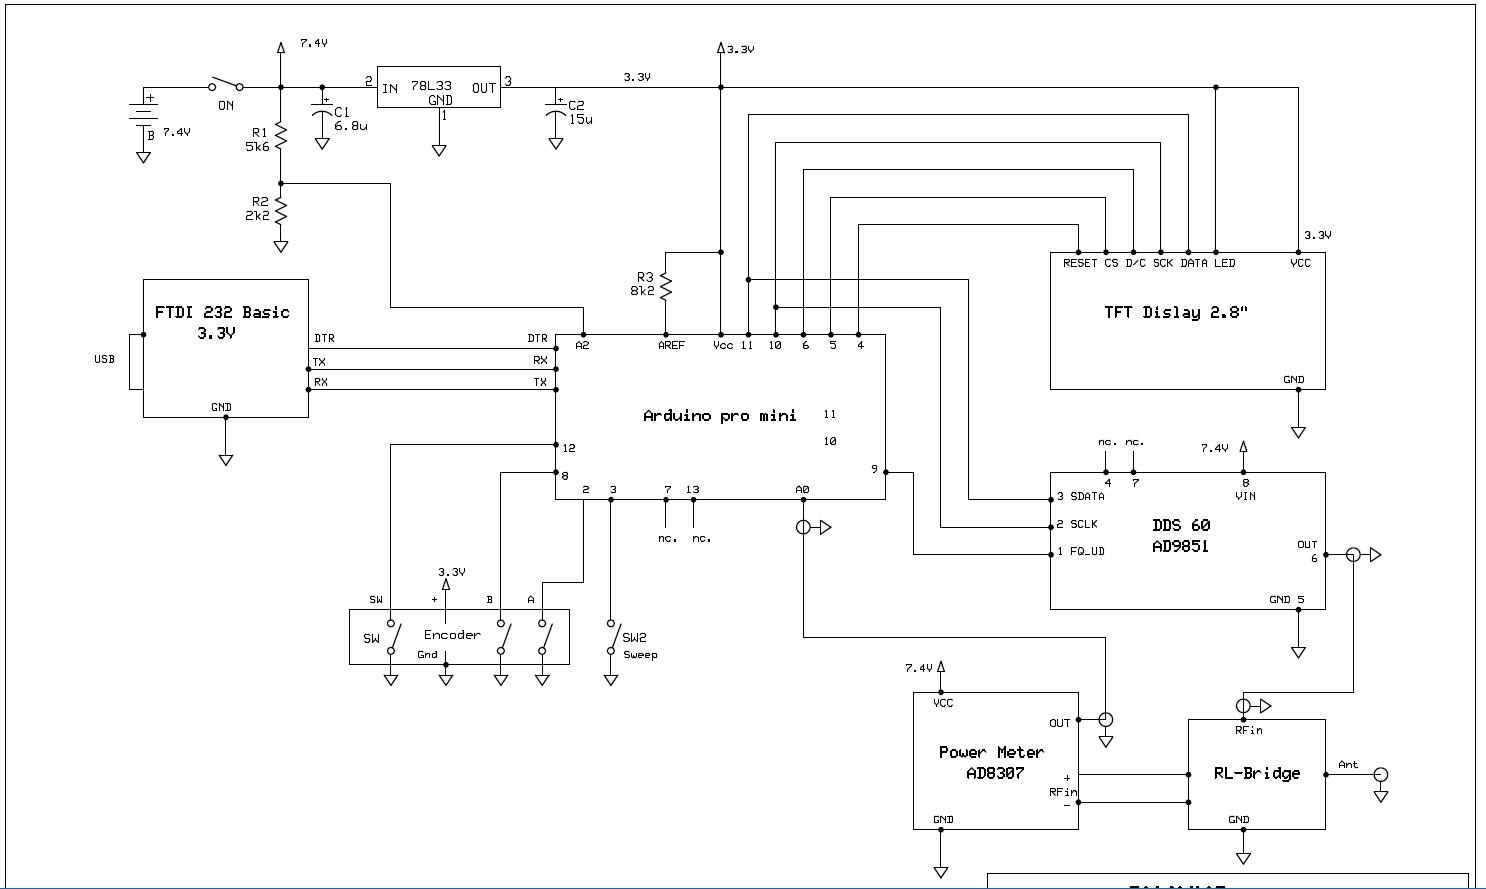 SM4HNG Elektronik: Antenna Analyser